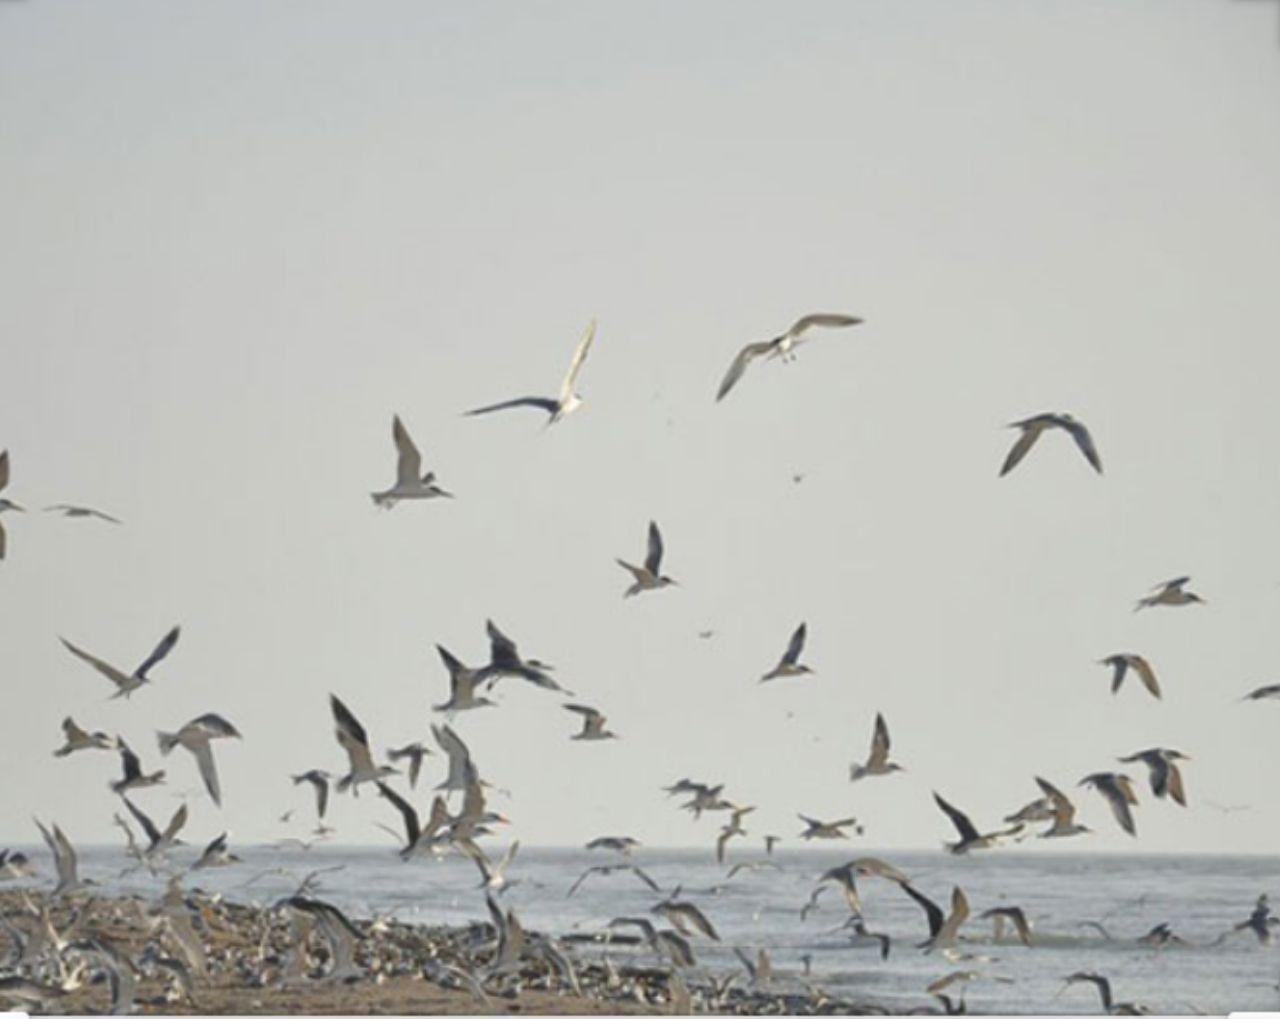 IMG 20200415 205643 043 ثبت یک میراث طبیعی از خوزستان در فهرست آثار ملی